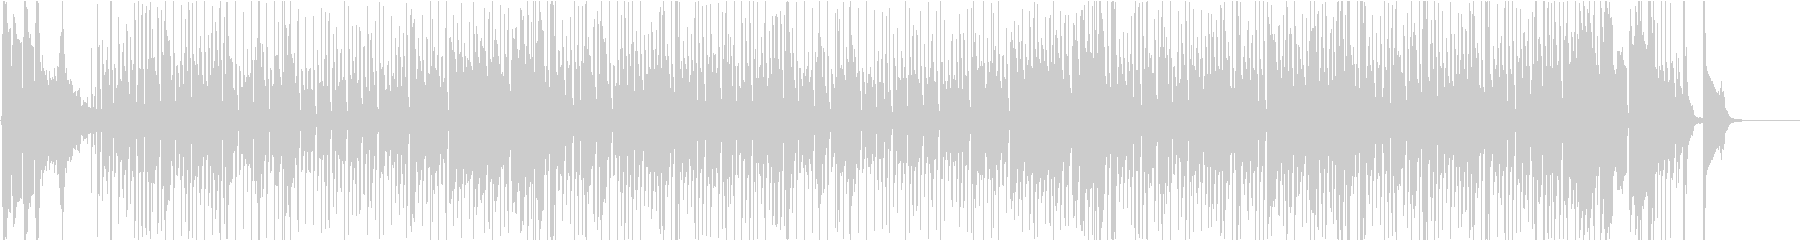 怪盗・探偵のジプシースウィング※伴奏版の未再生の波形